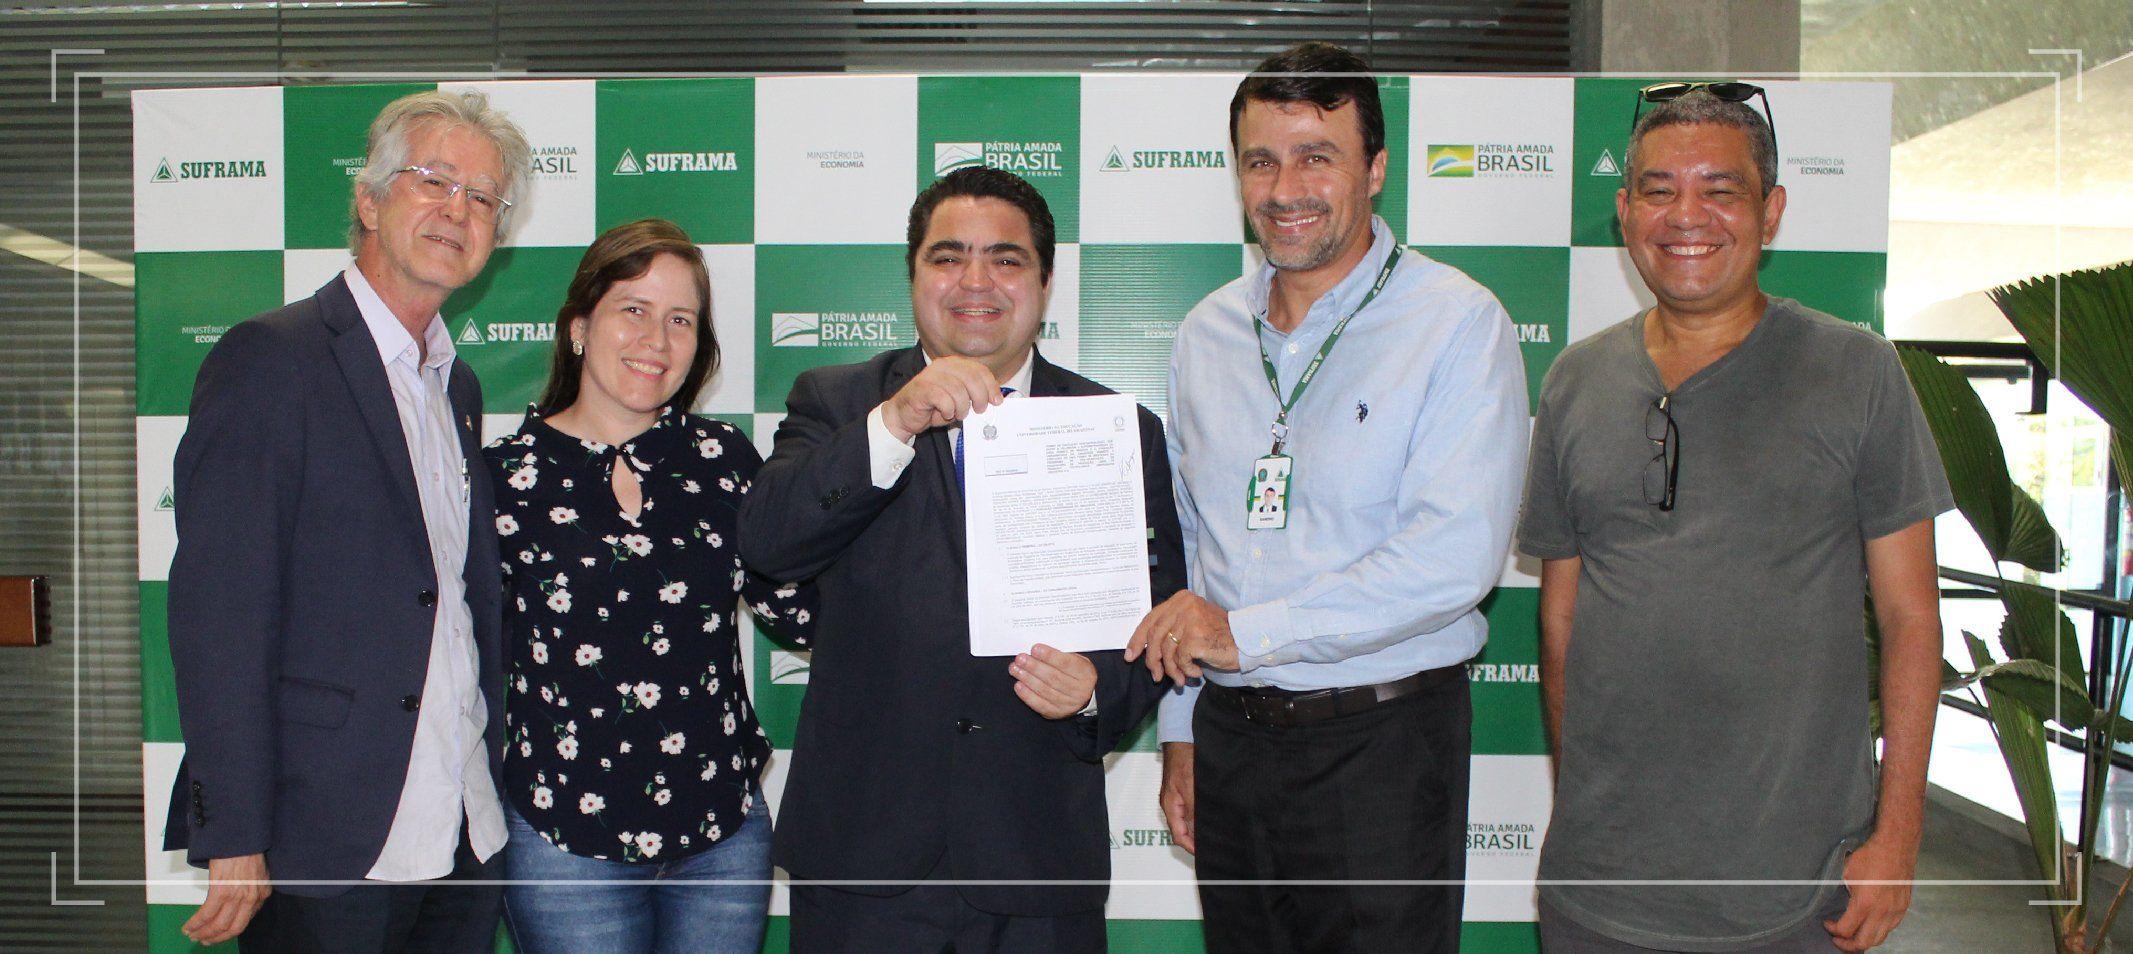 Ufam oferta primeiro mestrado em Indústria 4.0 da região para turma específica da Suframa. Inscrições até 21 de novembro